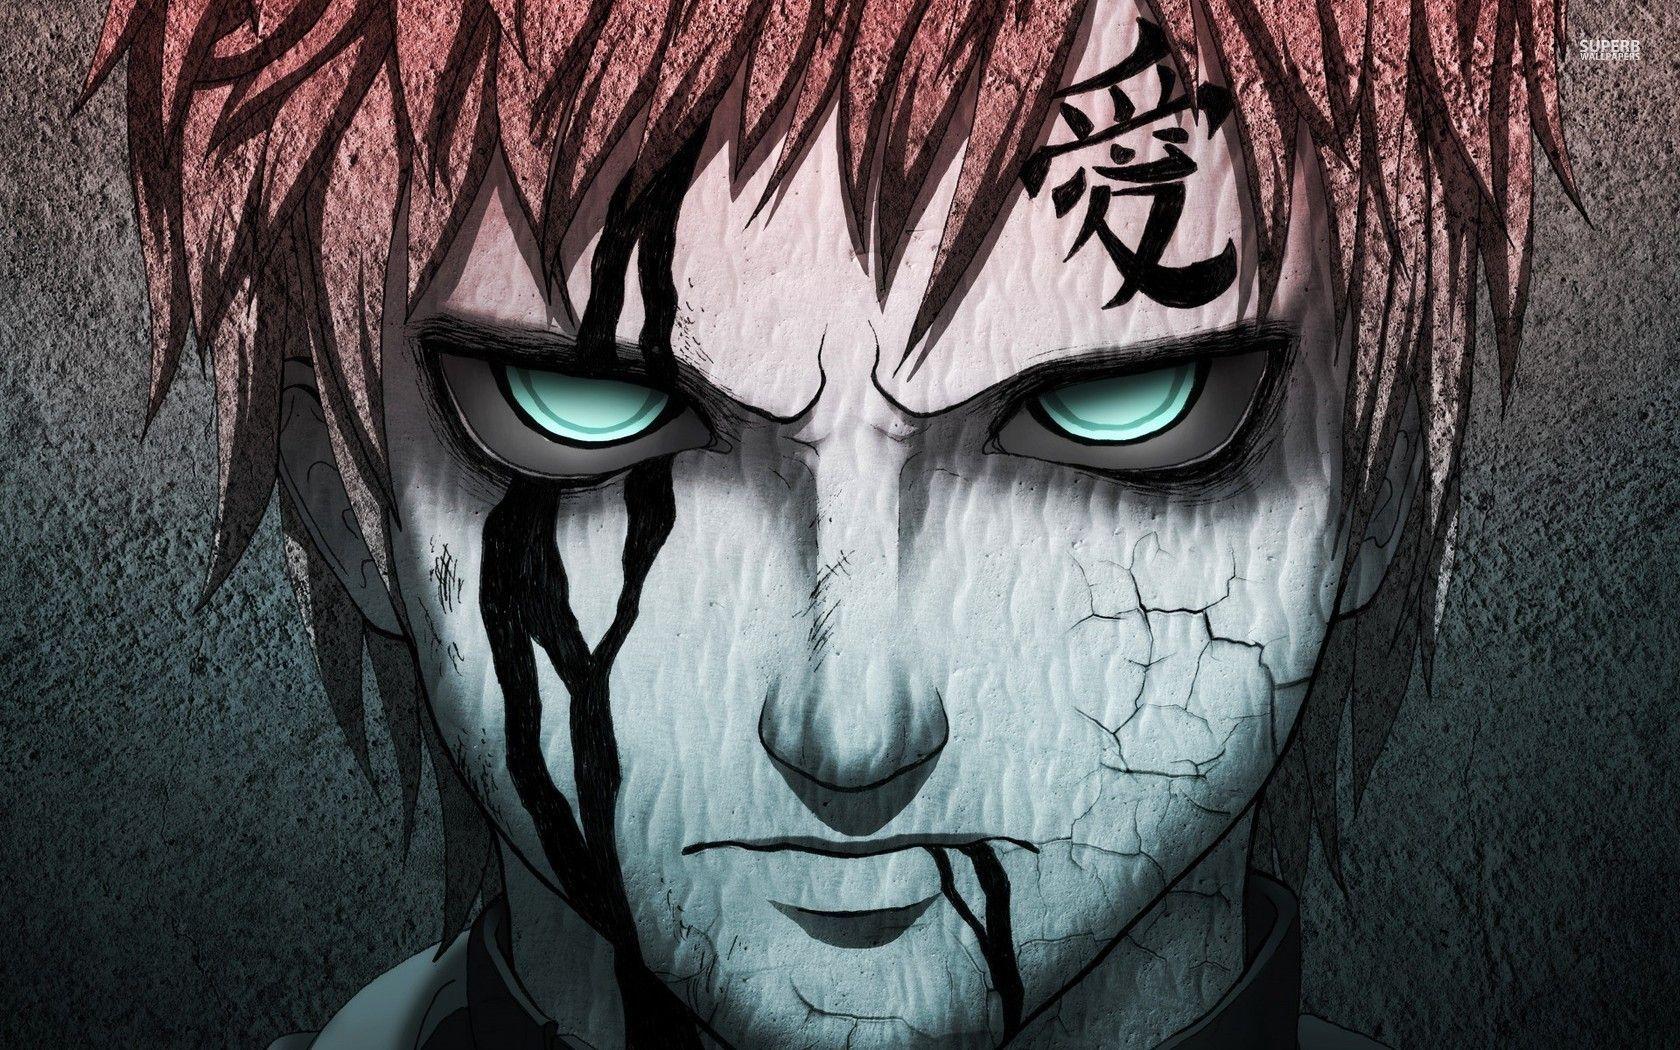 76+ Gambar Naruto Paling Keren Di Dunia